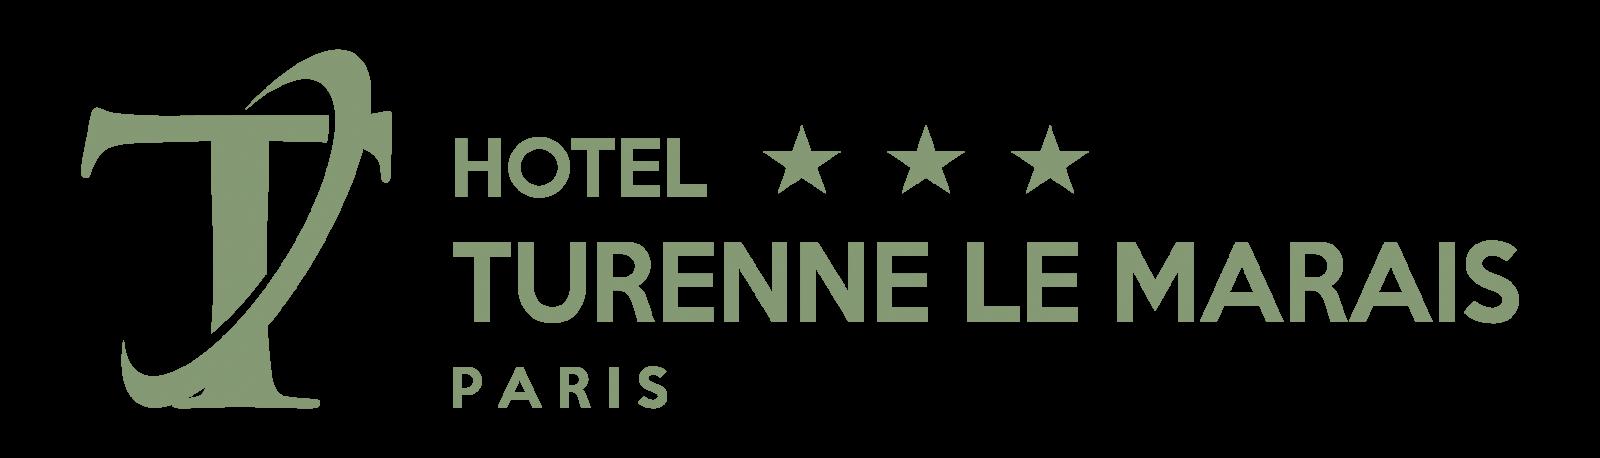 Hôtel Turennes Le Maris